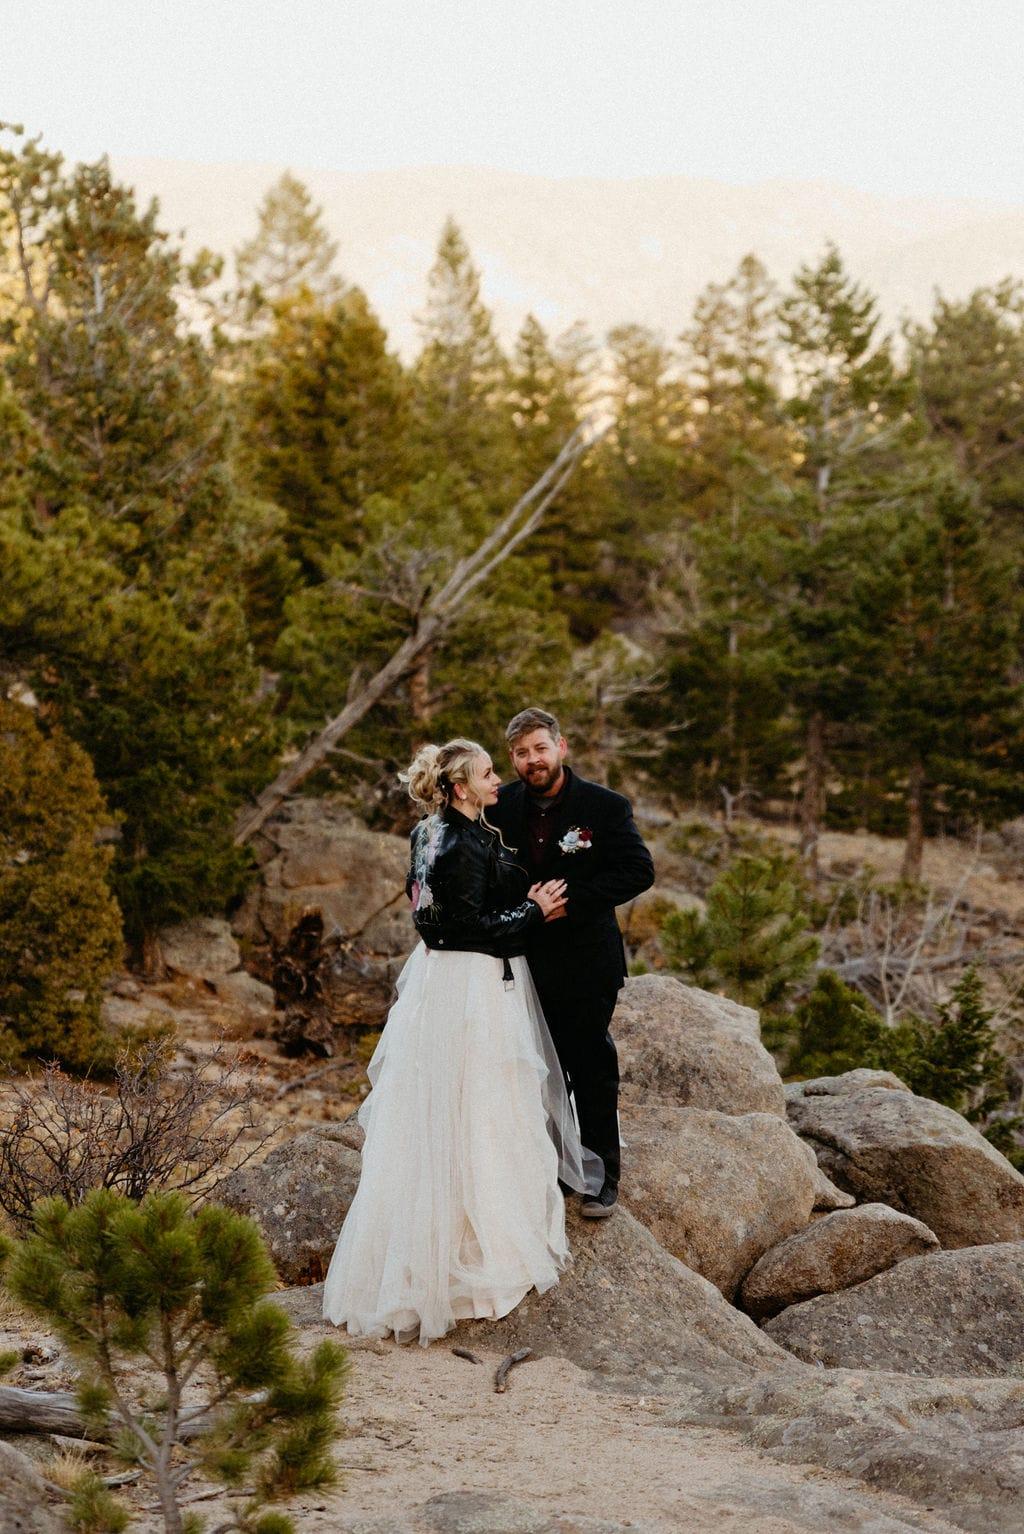 Estes park romantic sunset wedding portraits